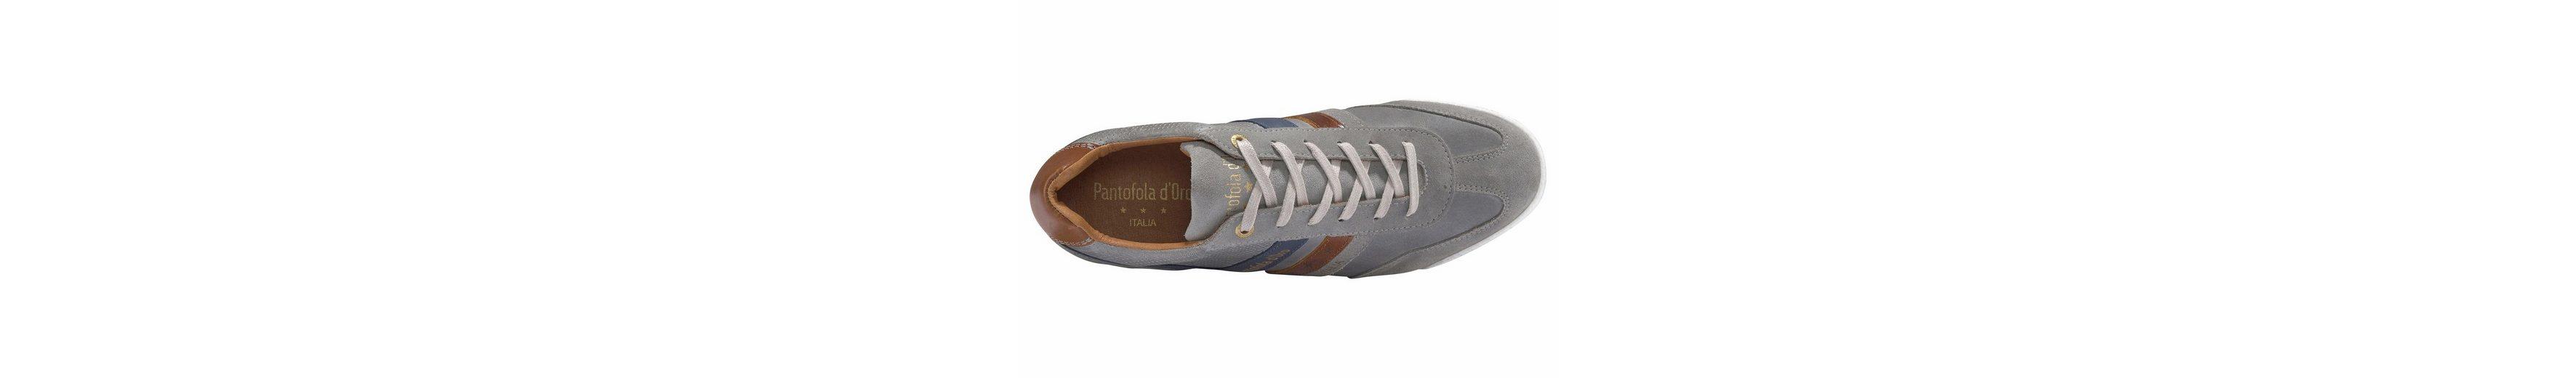 Günstig Kaufen 100% Garantiert Pantofola d´Oro Vasto Uomo Low Sneaker Billig Bestseller Mit Mastercard Zum Verkauf Billig Footlocker Finish Die Besten Preise Günstig Online JmNWKsyQ